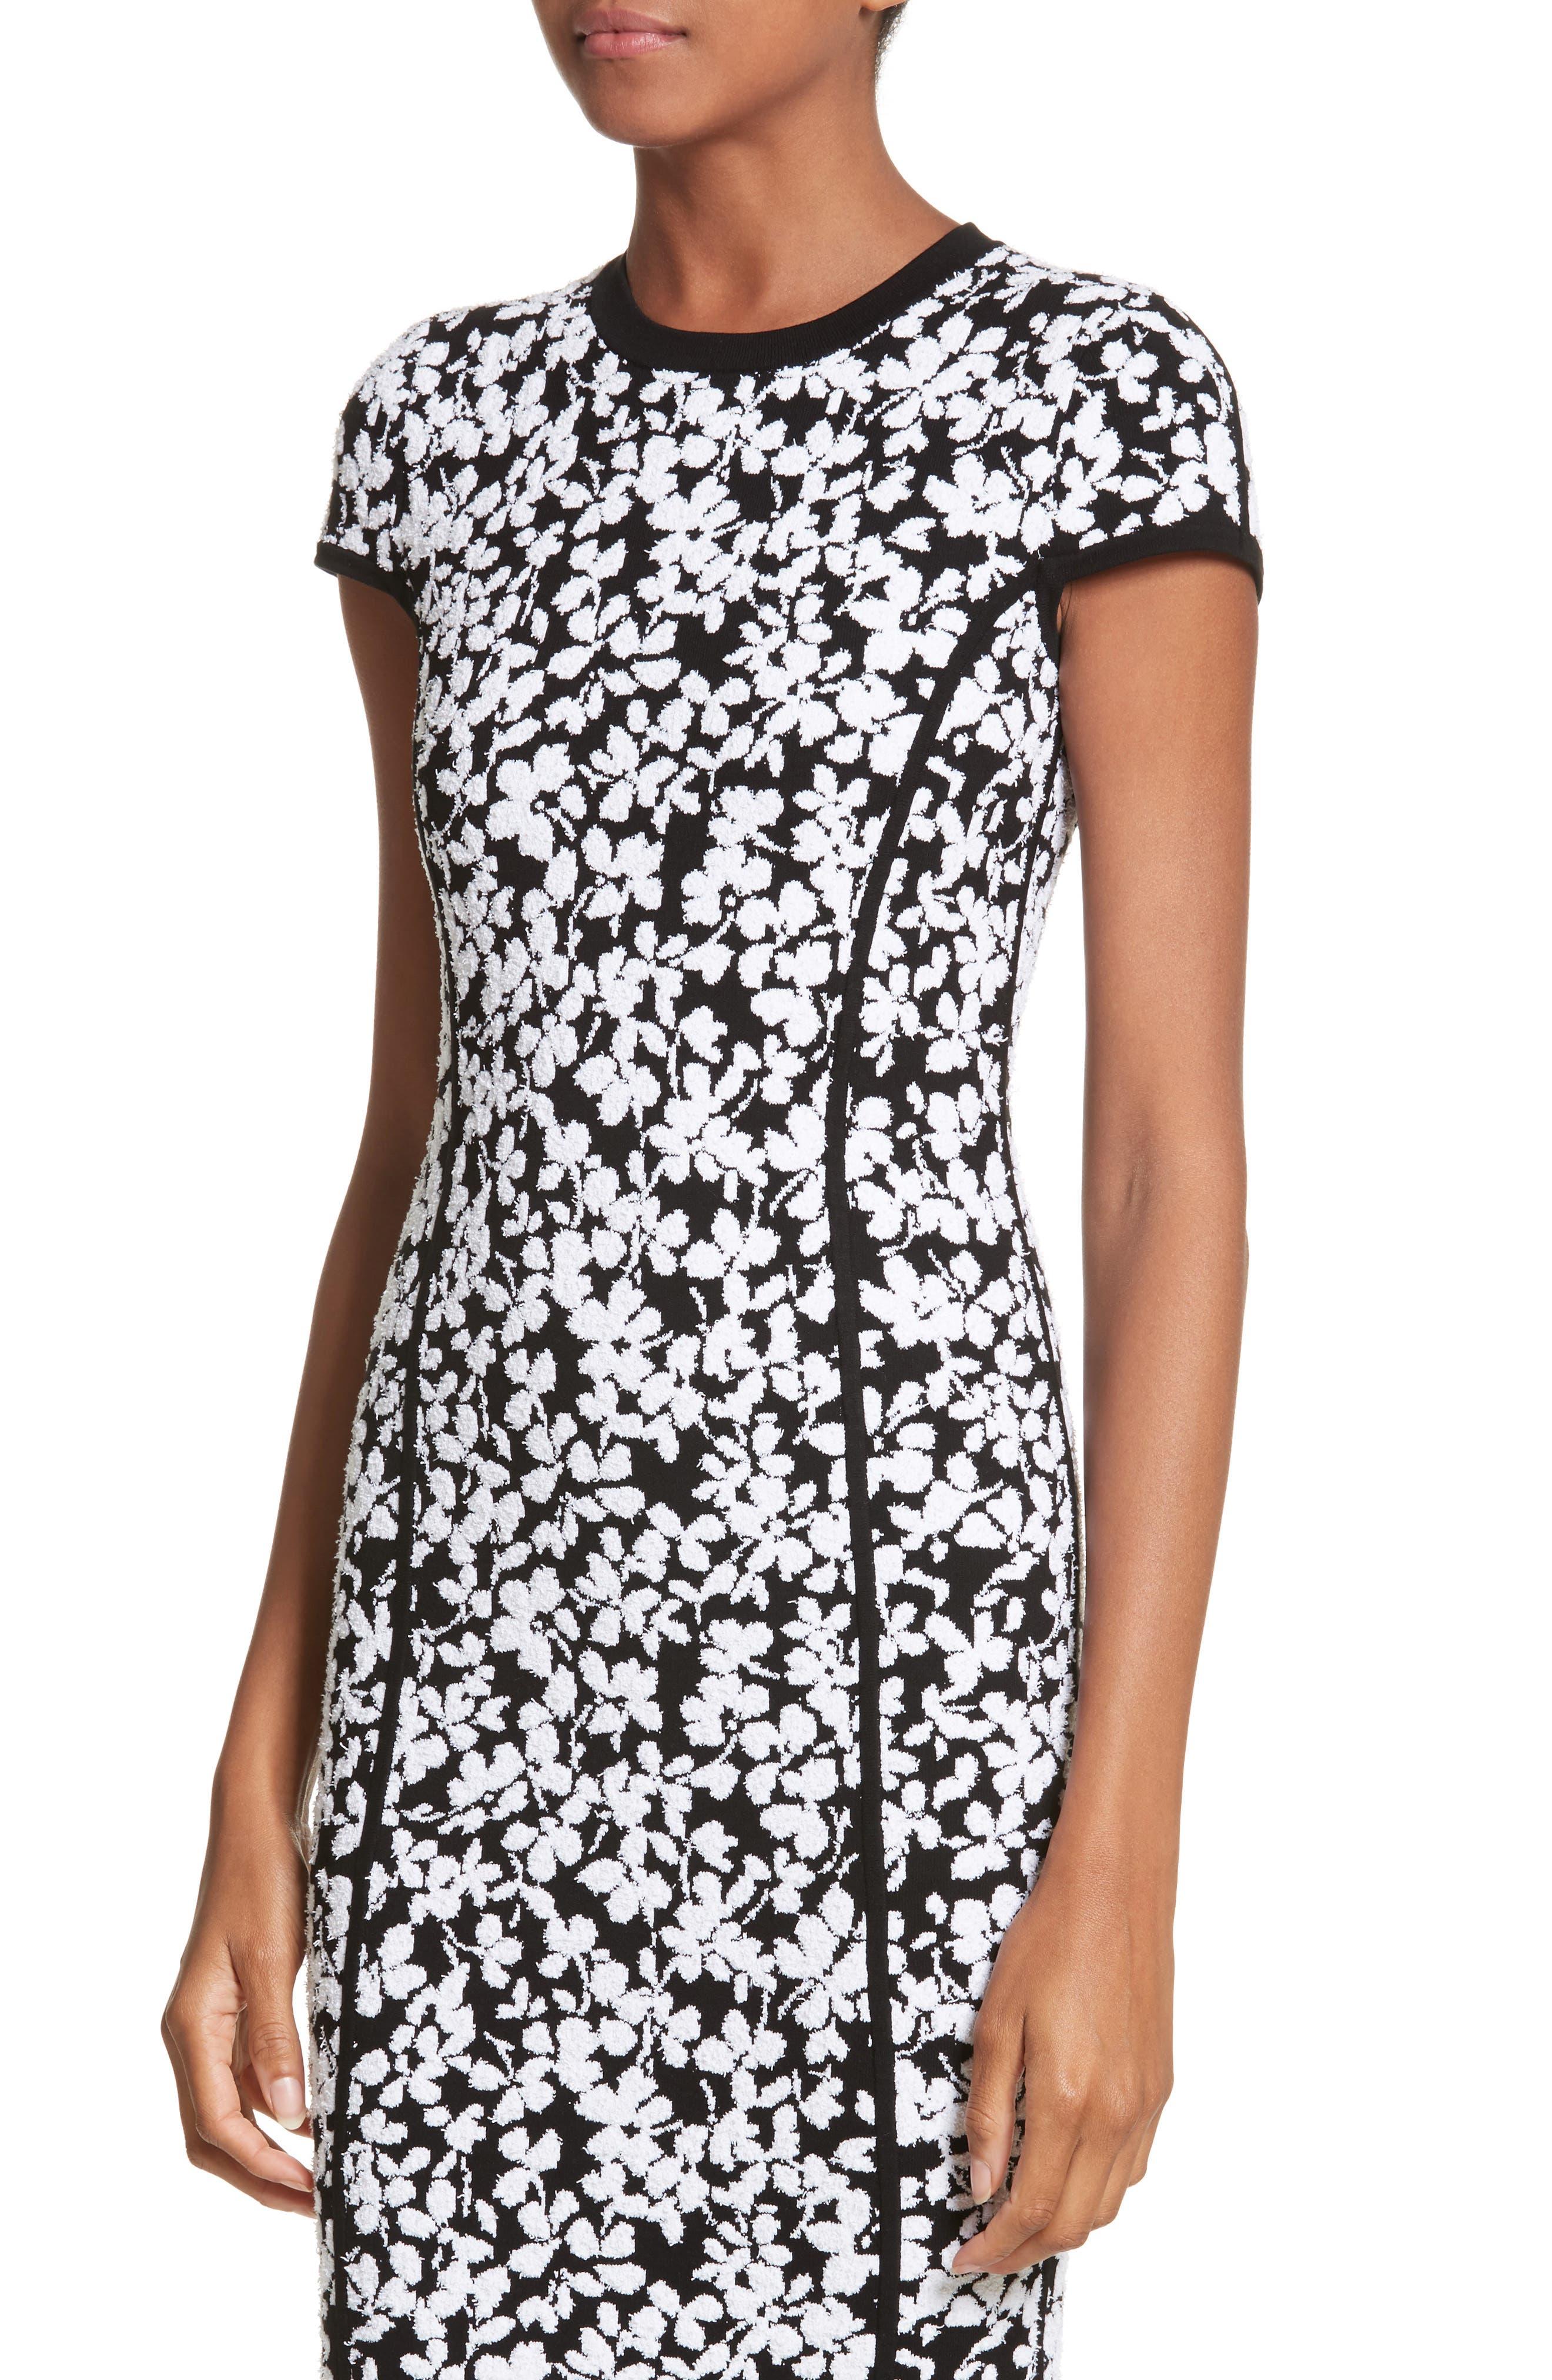 Floral Jacquard Sheath Dress,                             Alternate thumbnail 4, color,                             Black